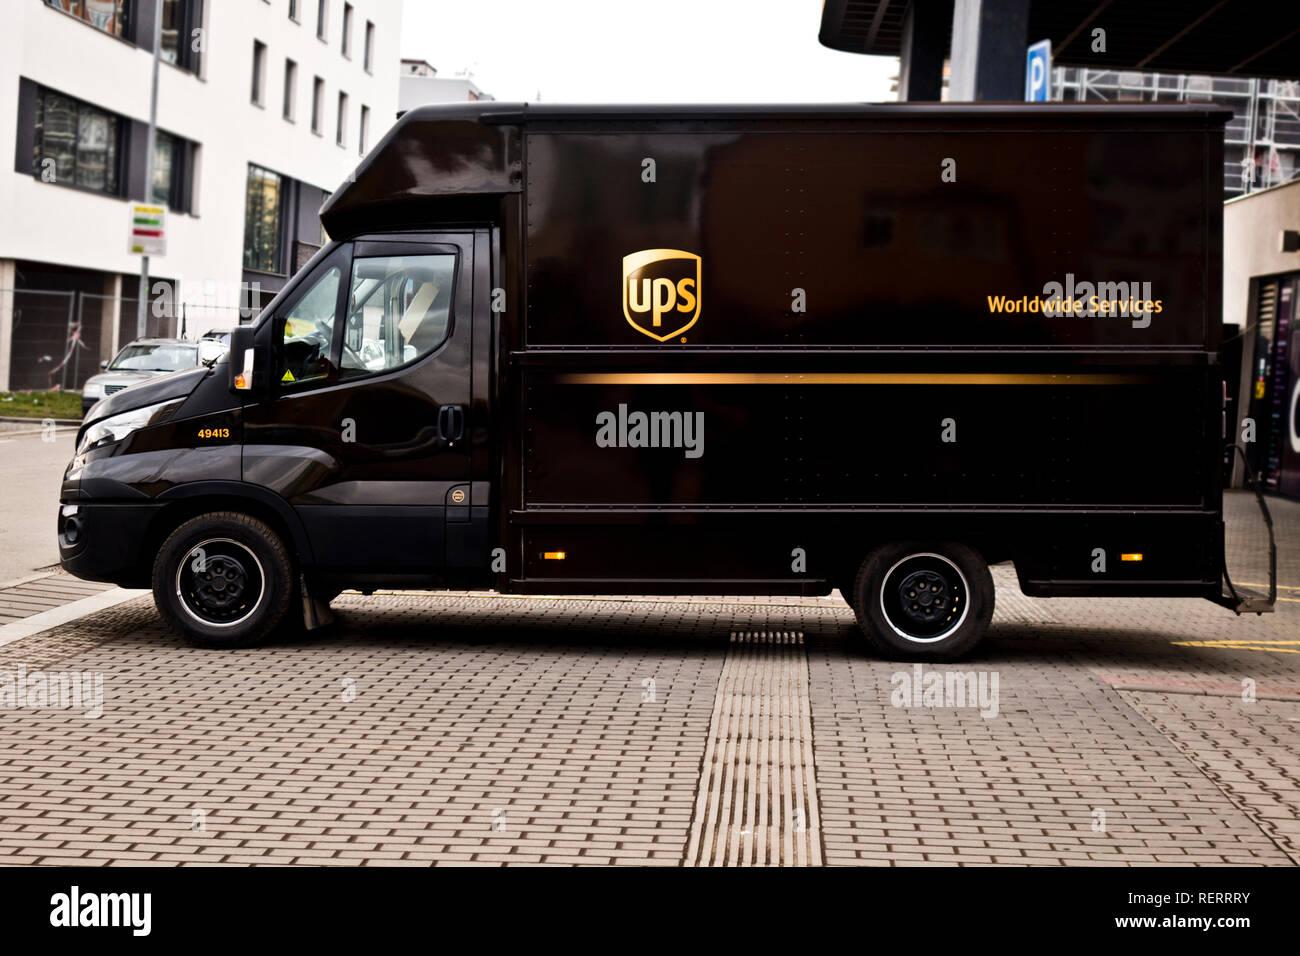 Carrello UPS per la consegna Immagini Stock